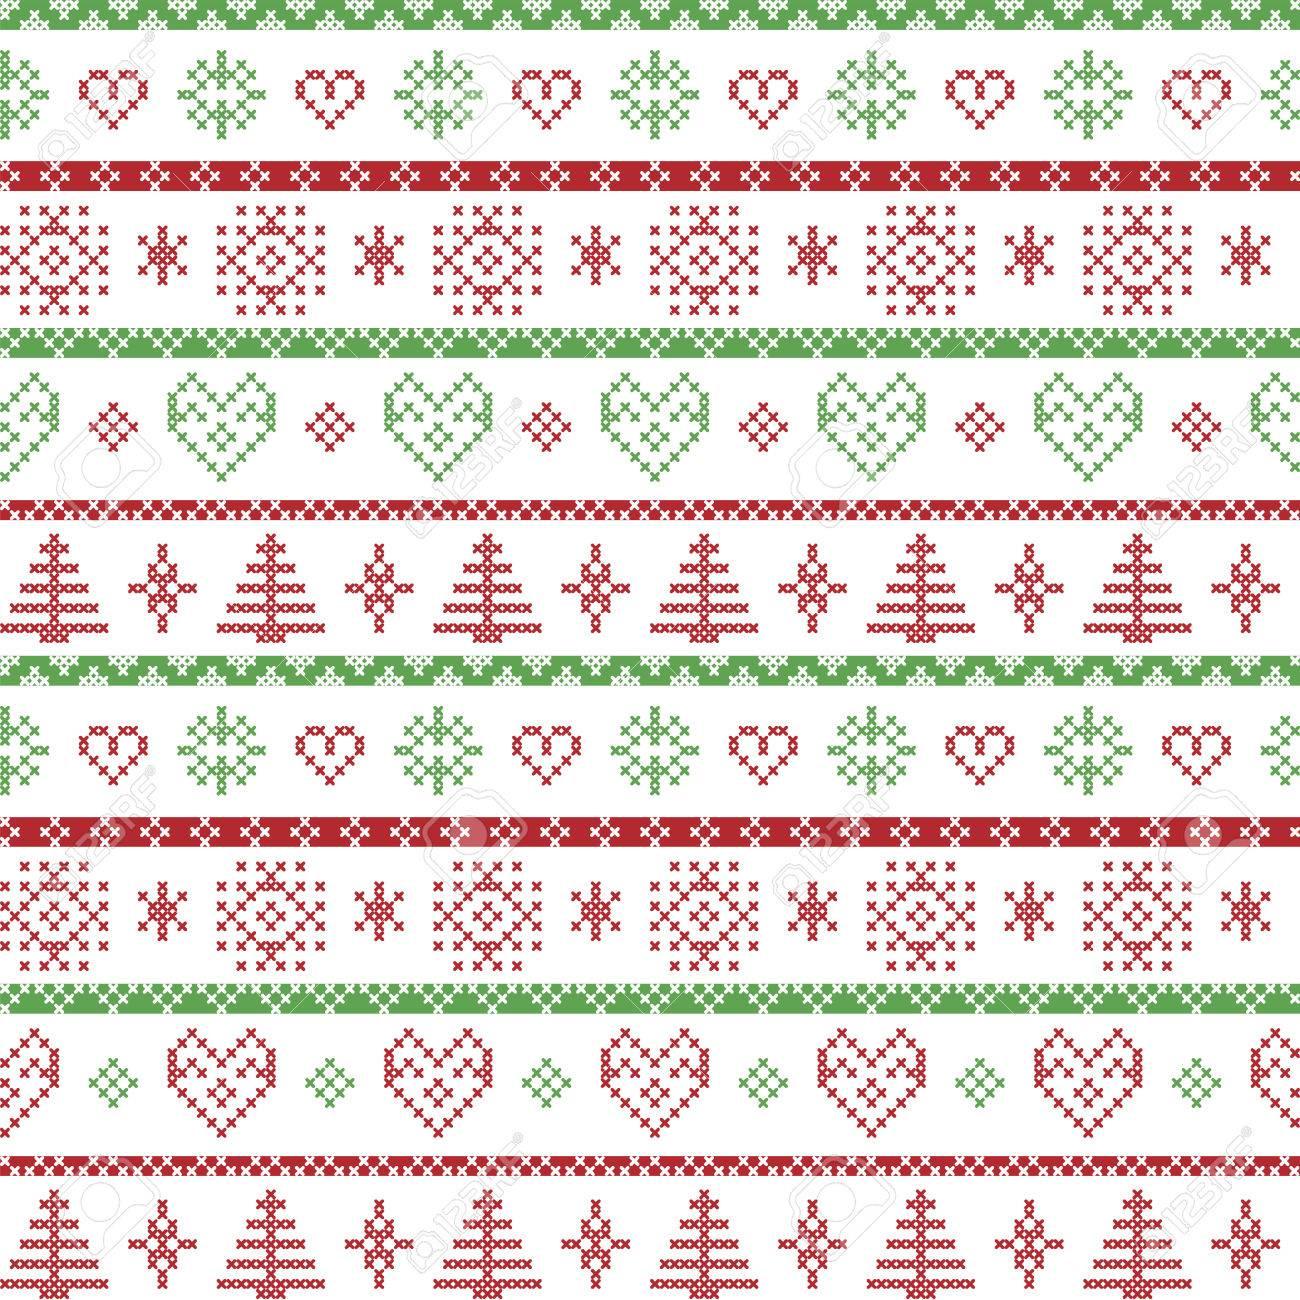 El rojo y el verde en el fondo blanco Patrón nórdico de Navidad con copos de nieve y árboles de navidad bosque adornos decorativos en tejer patrón ...